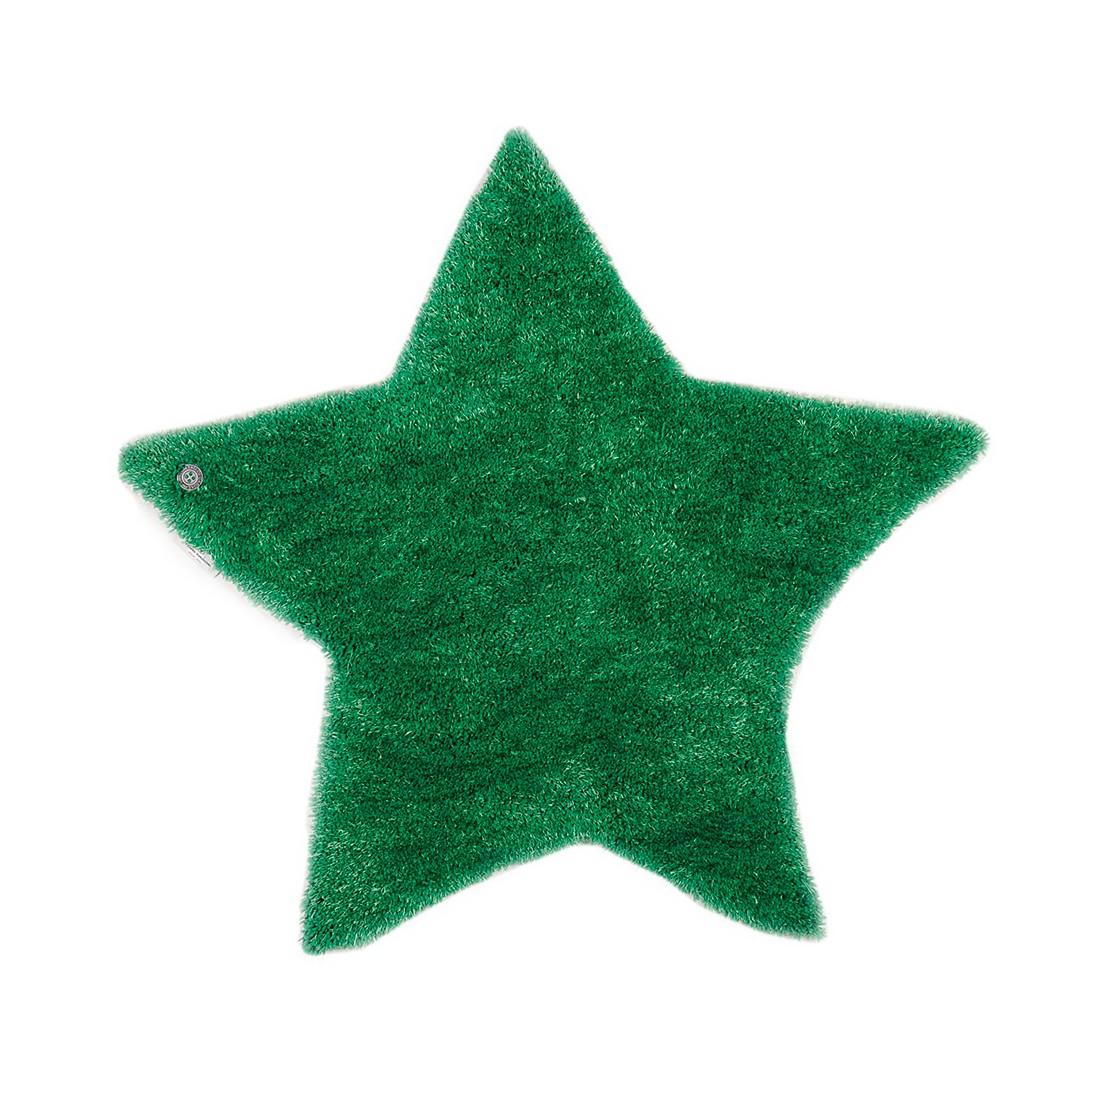 Teppich Soft Star – Grün – Maße: 100 x 100 cm, Tom Tailor günstig kaufen